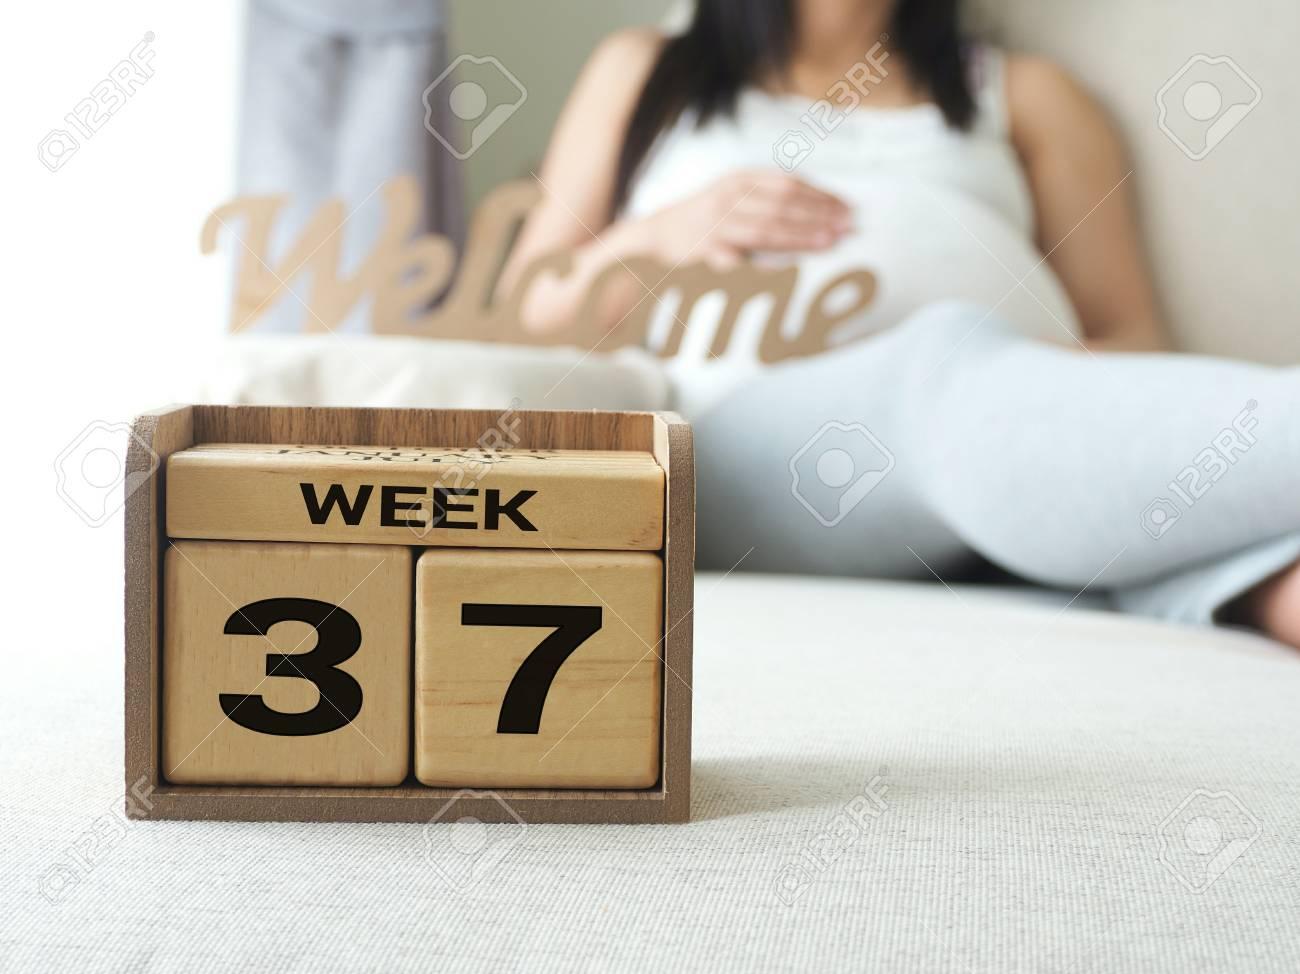 Calendario Maternita.Calendario Con Le Settimane 37 Di Gravidanza Con Sfondo Donna Di Gravidanza Concetto Di Maternita Aspettando Un Bambino Prossimo Giornata Del Conto